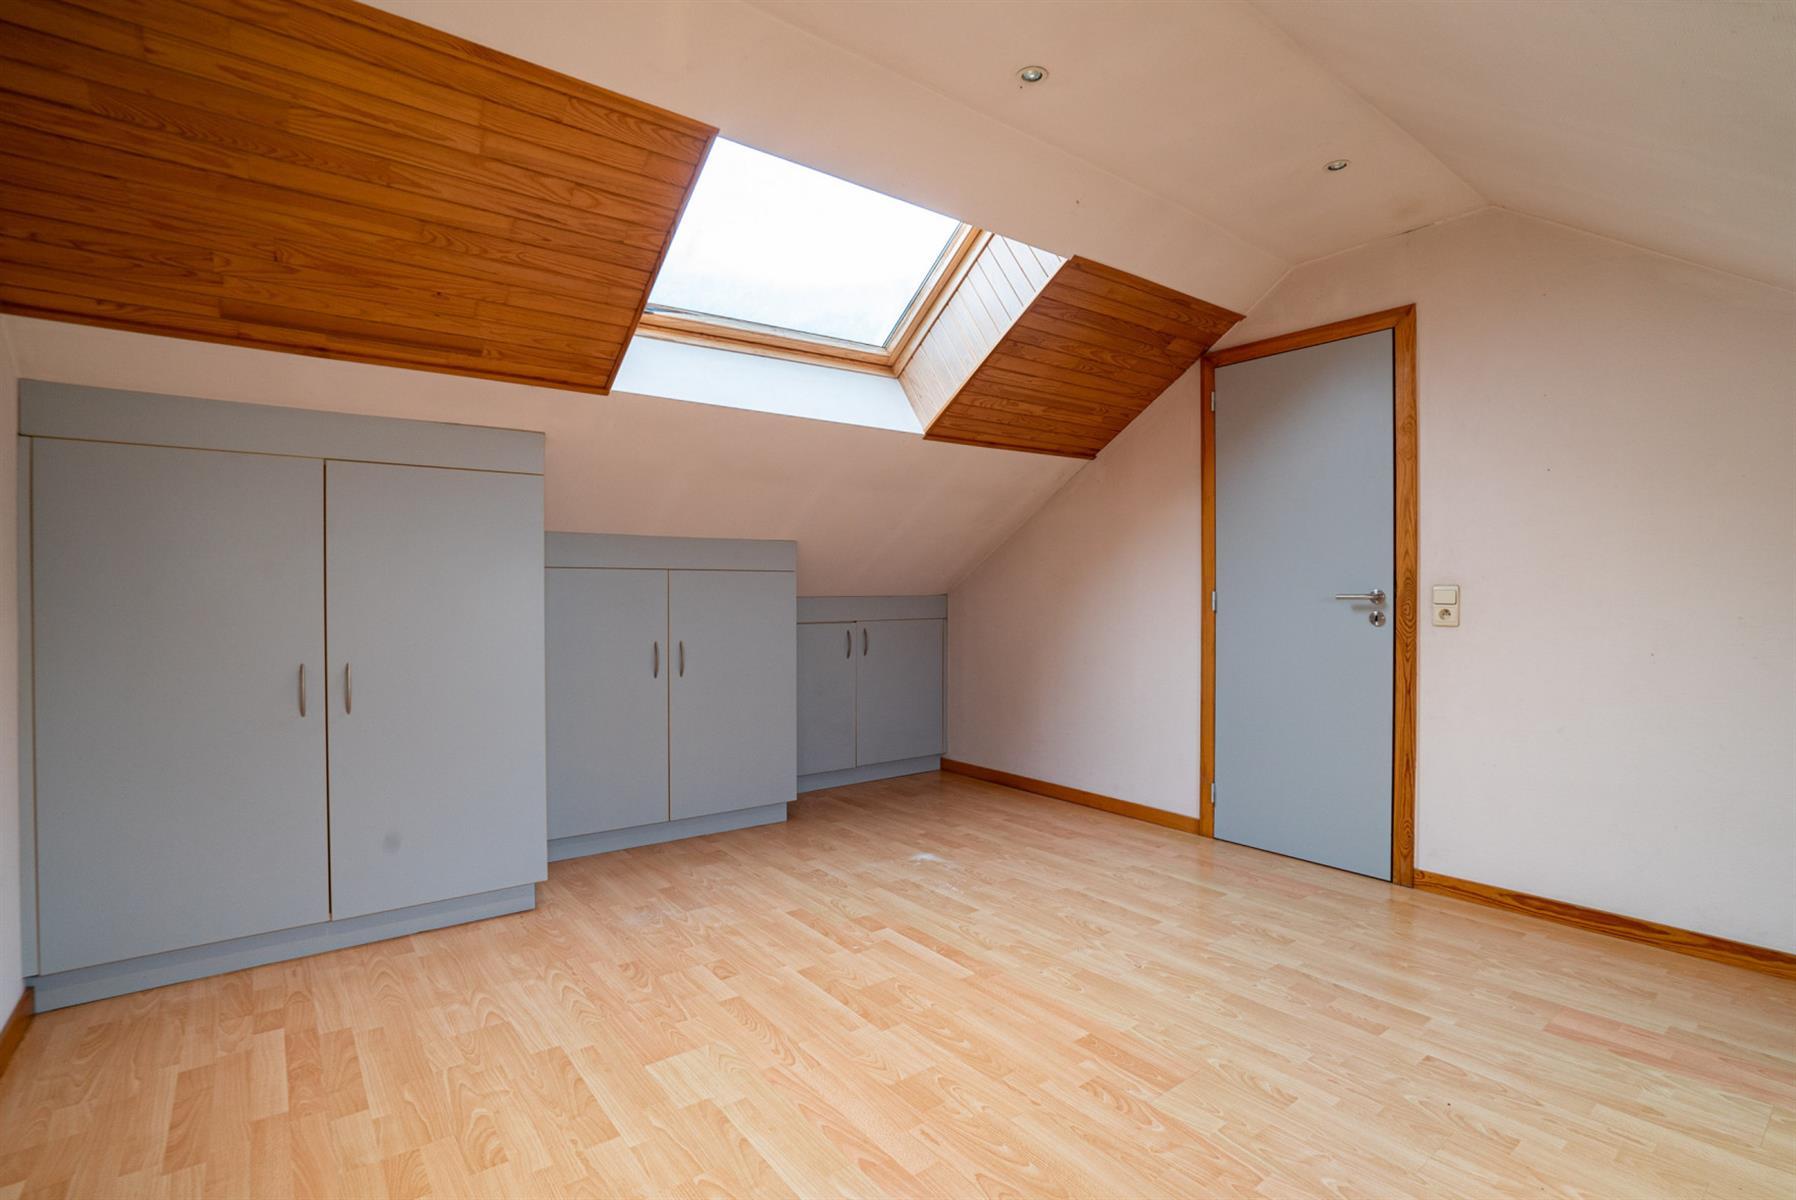 Duplex - Plombières Hombourg - #4223052-10